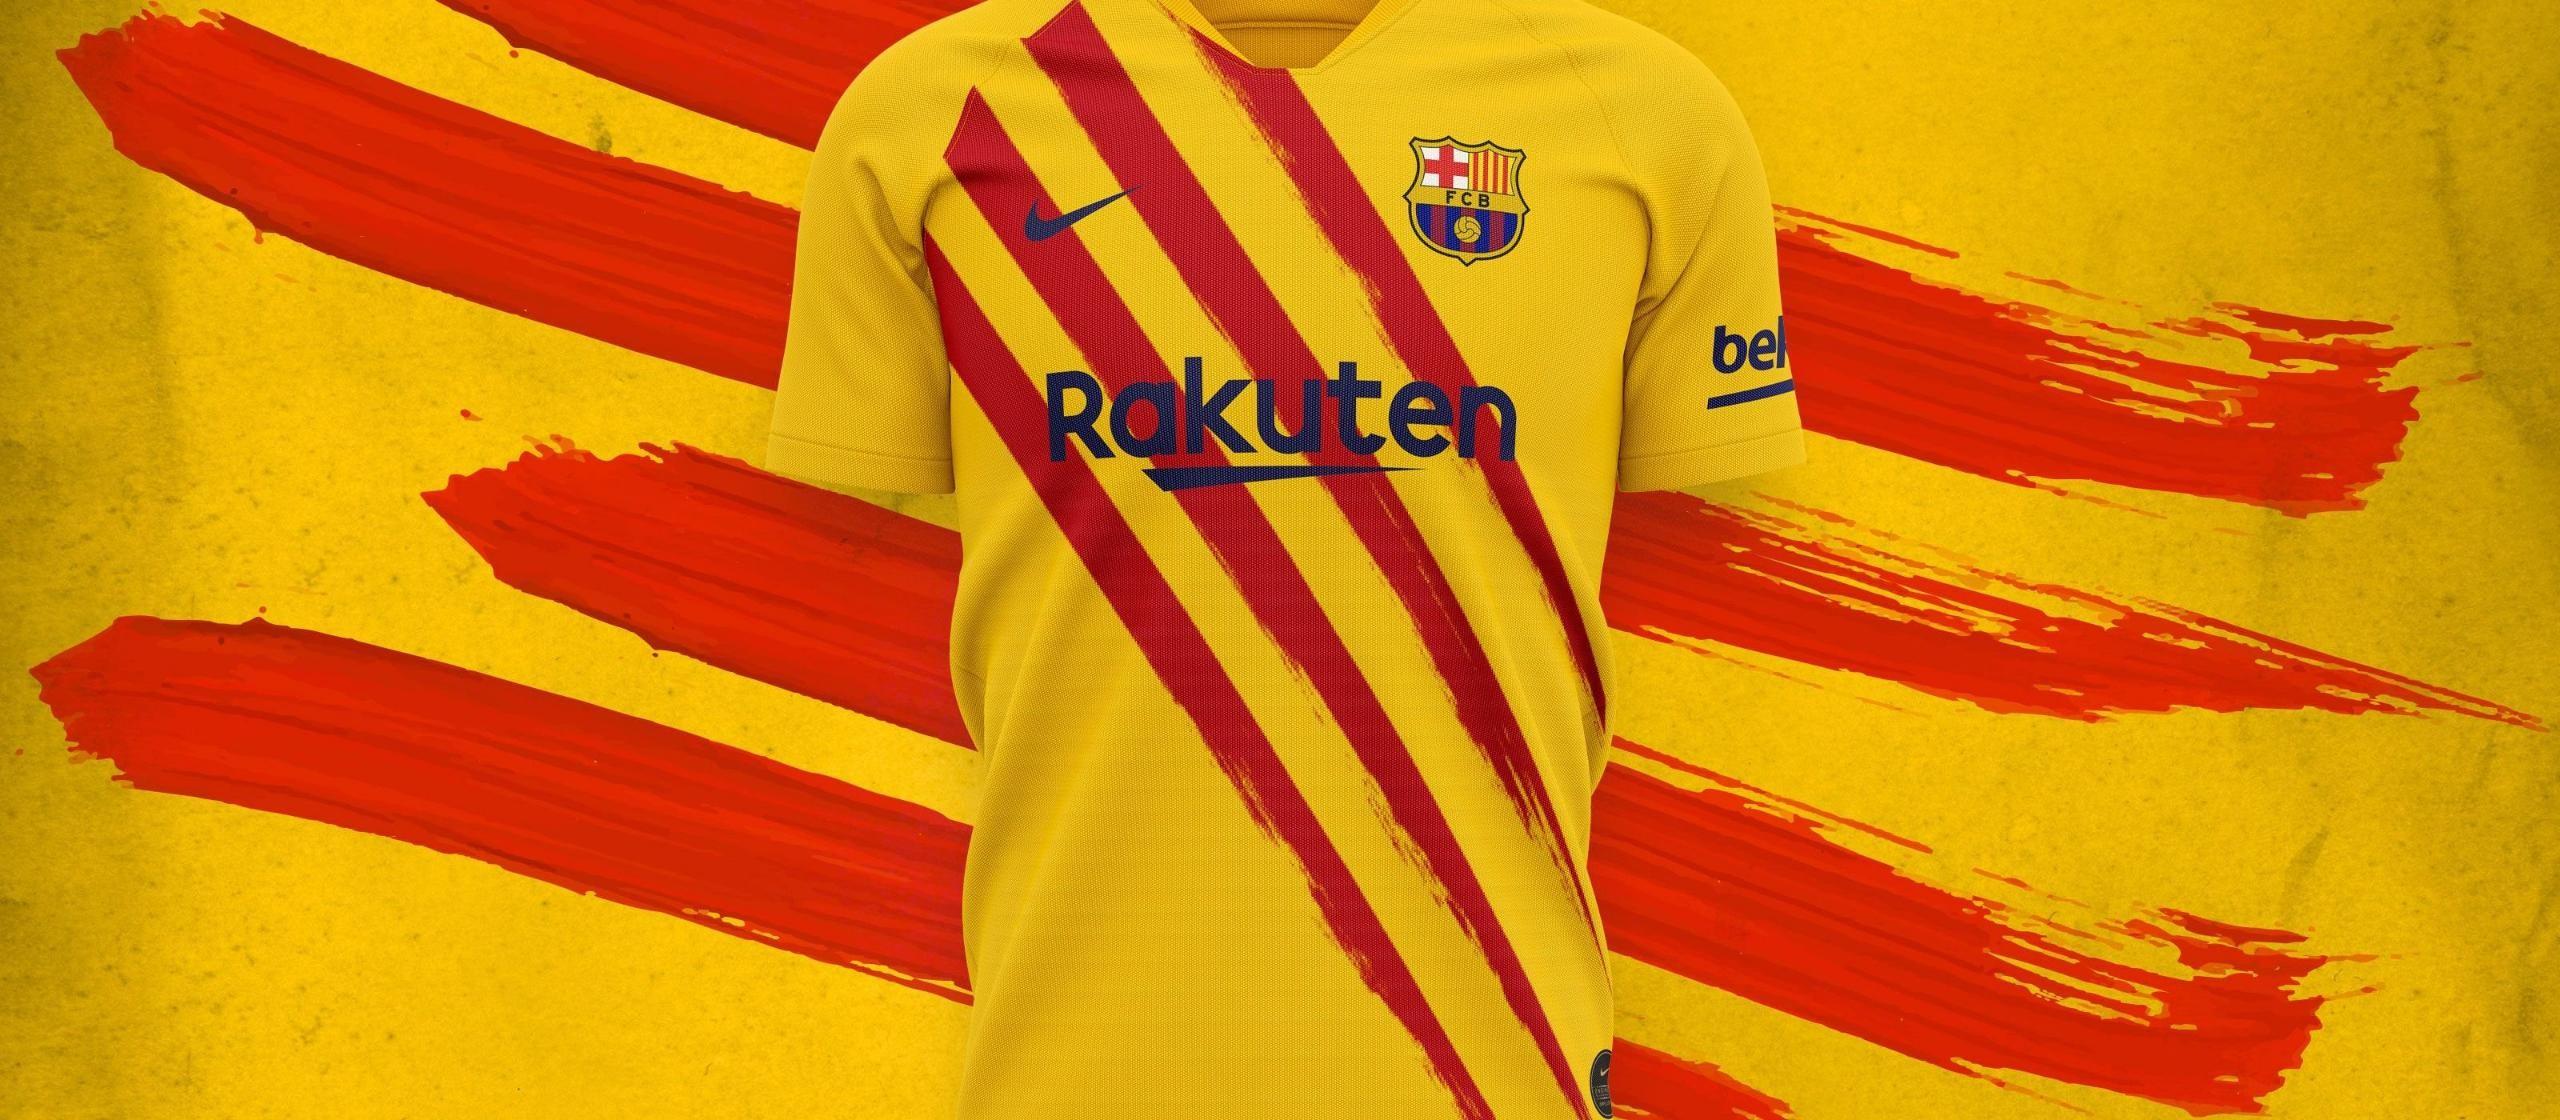 新款球衣 本赛季第四套,巴萨发布新款球衣